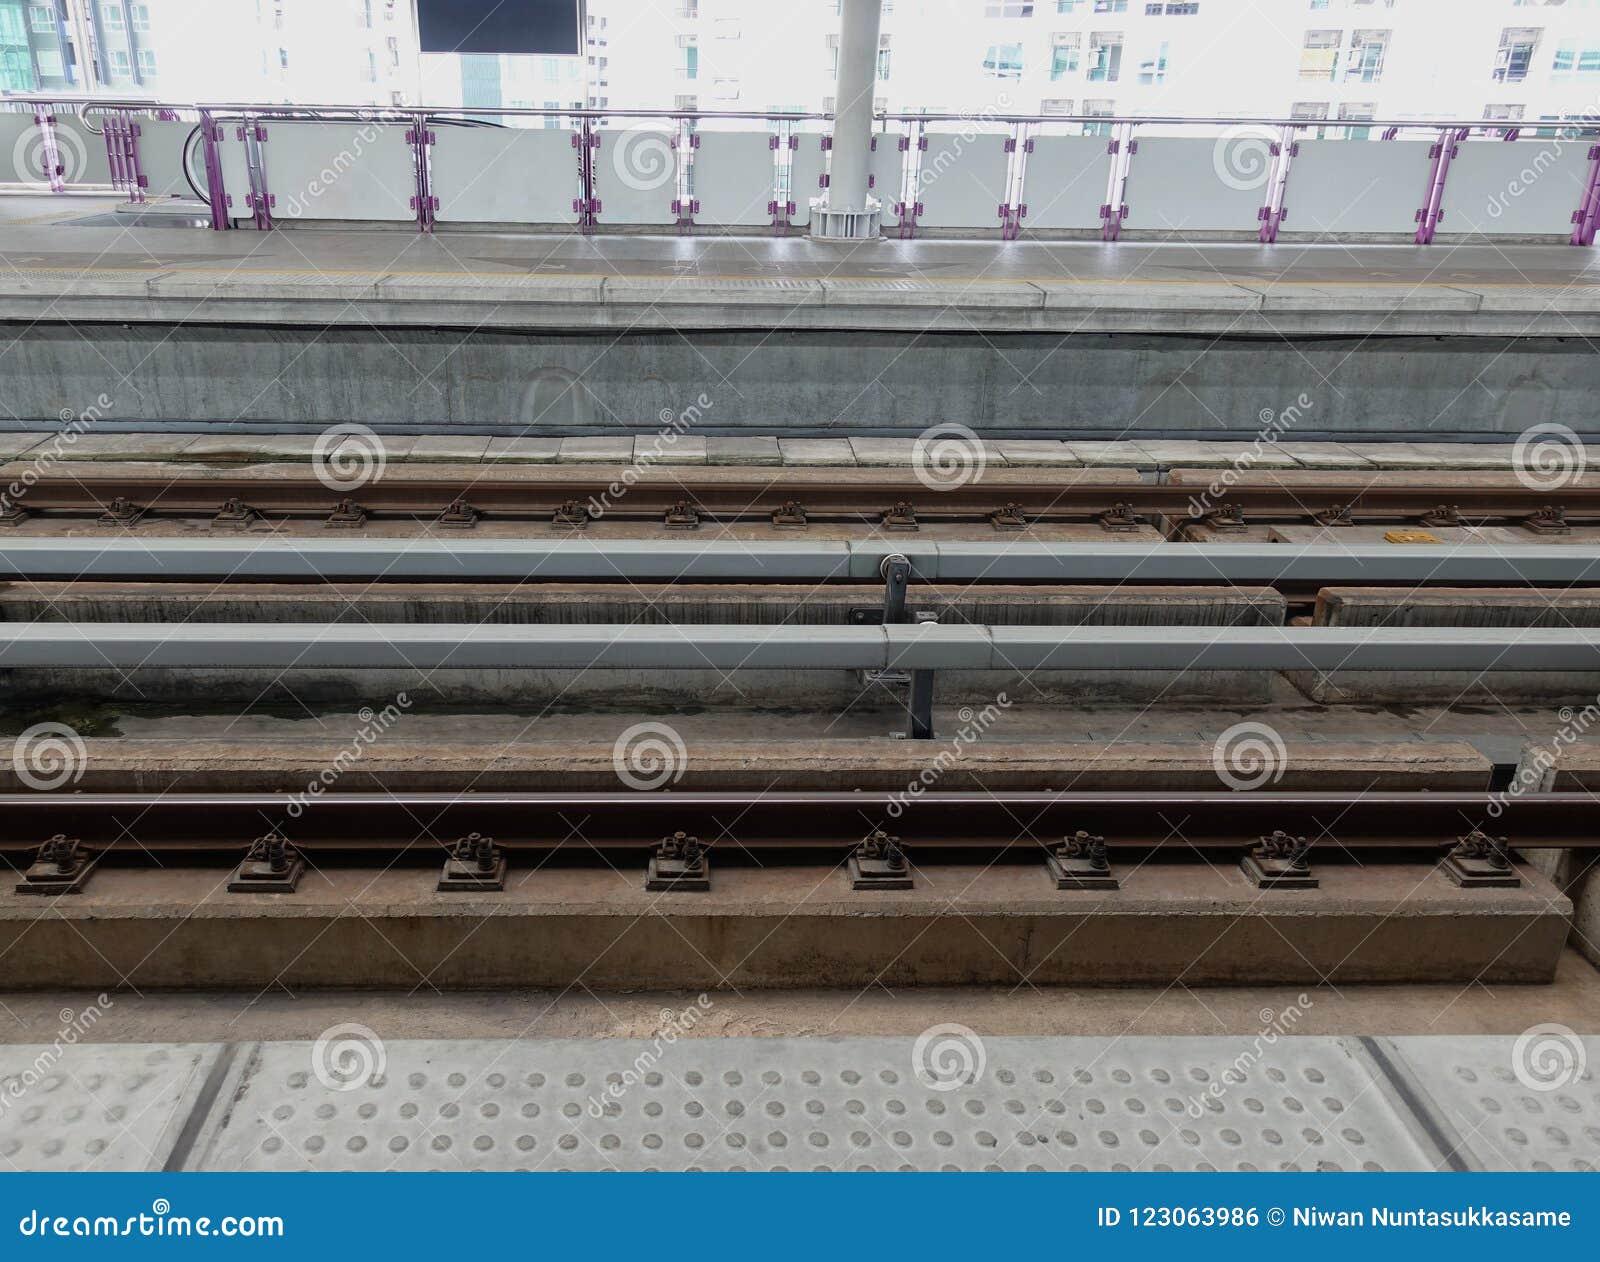 Bahnhof während des Wartehimmelzugs